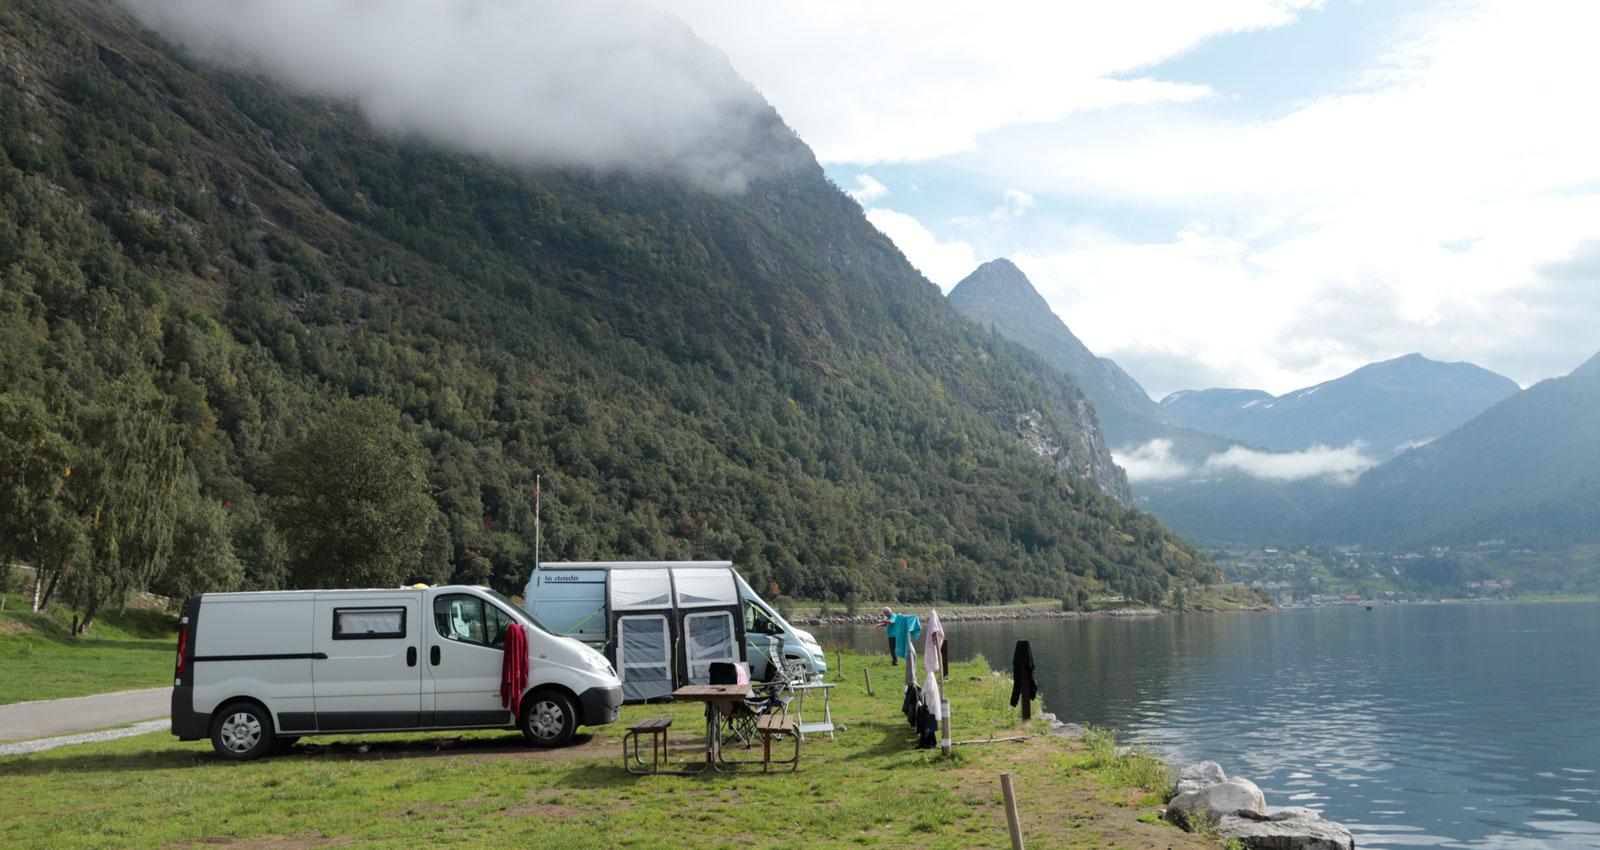 Nere vid Geirangerfjorden finns goda campingmöjligheter för husbilsresenären, med garanterat storslagna vyer.